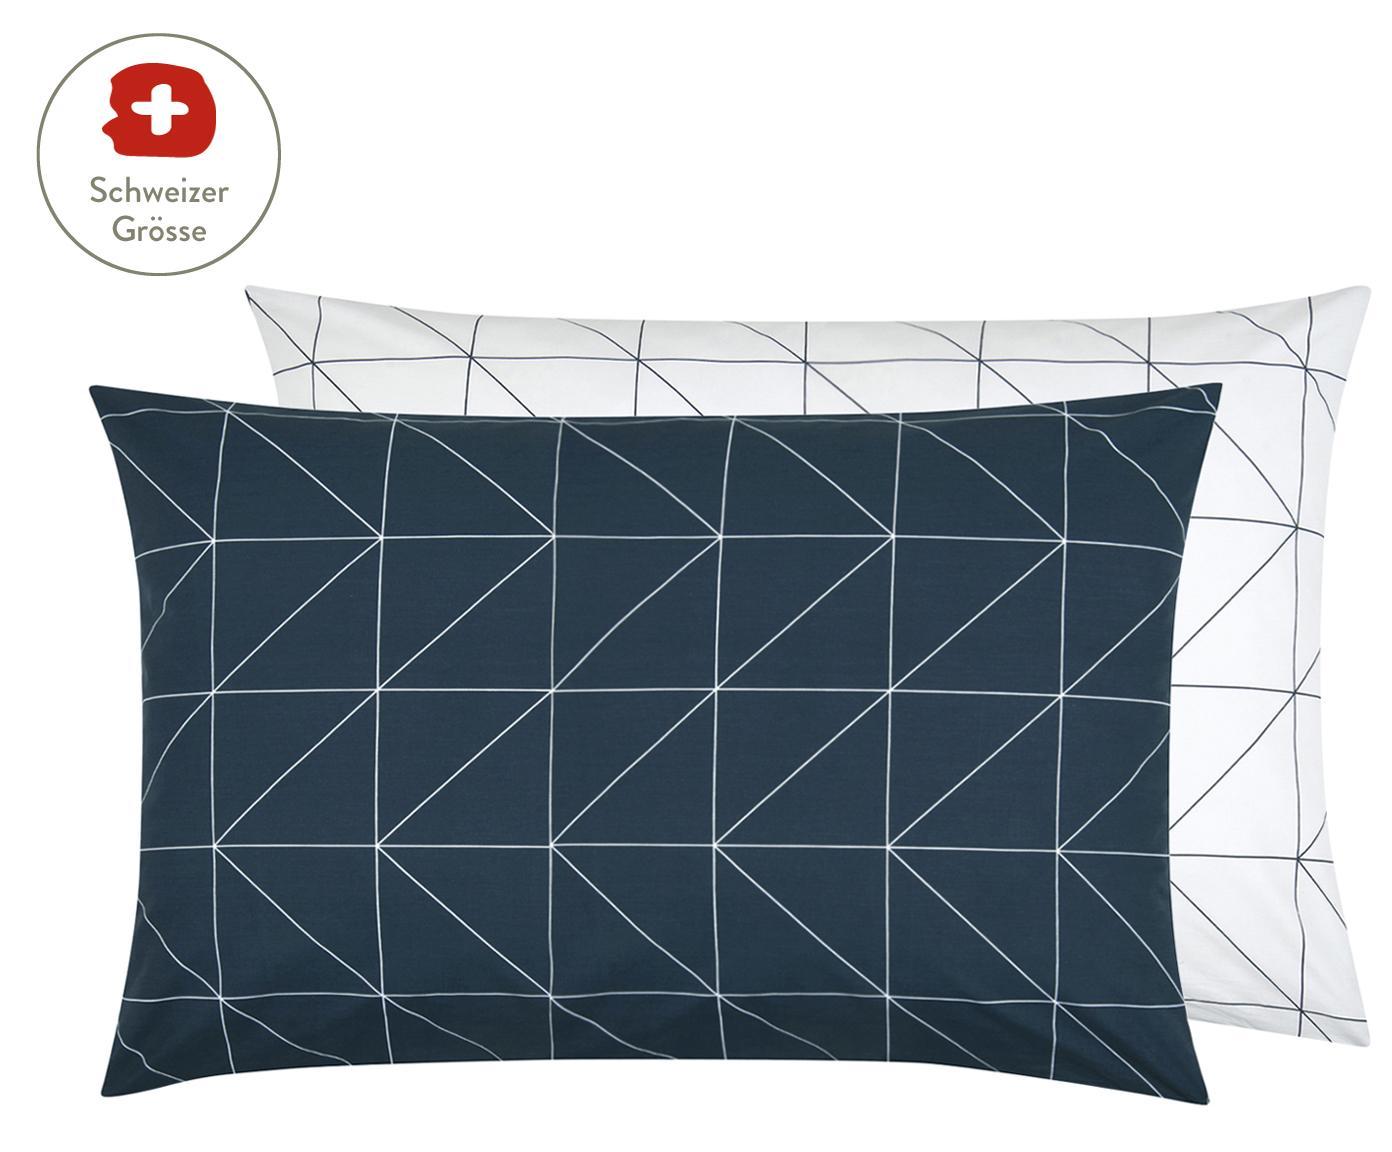 Baumwoll-Wendekissenbezug Marla mit grafischem Muster, Webart: Renforcé Fadendichte 144 , Navyblau, Weiss, 65 x 100 cm